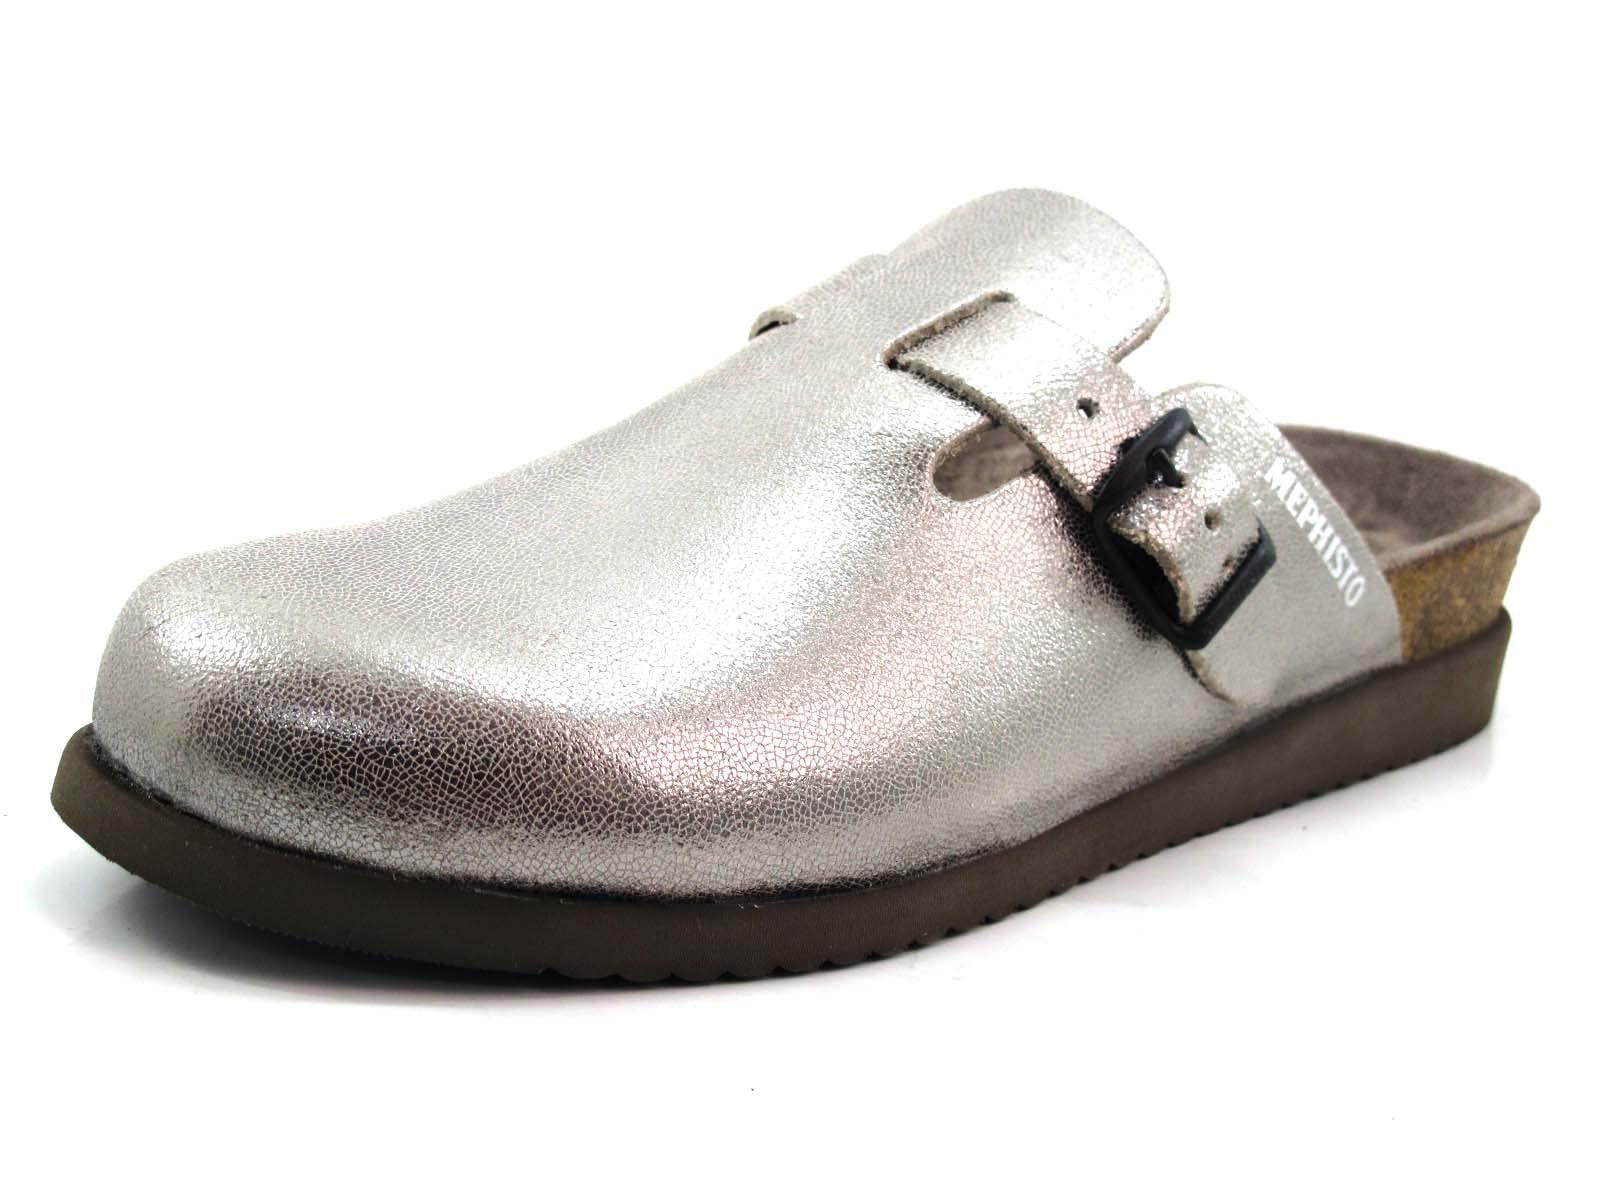 Comprar el Zueco Halina de Mephisto en color plata 6c3e6f207ff